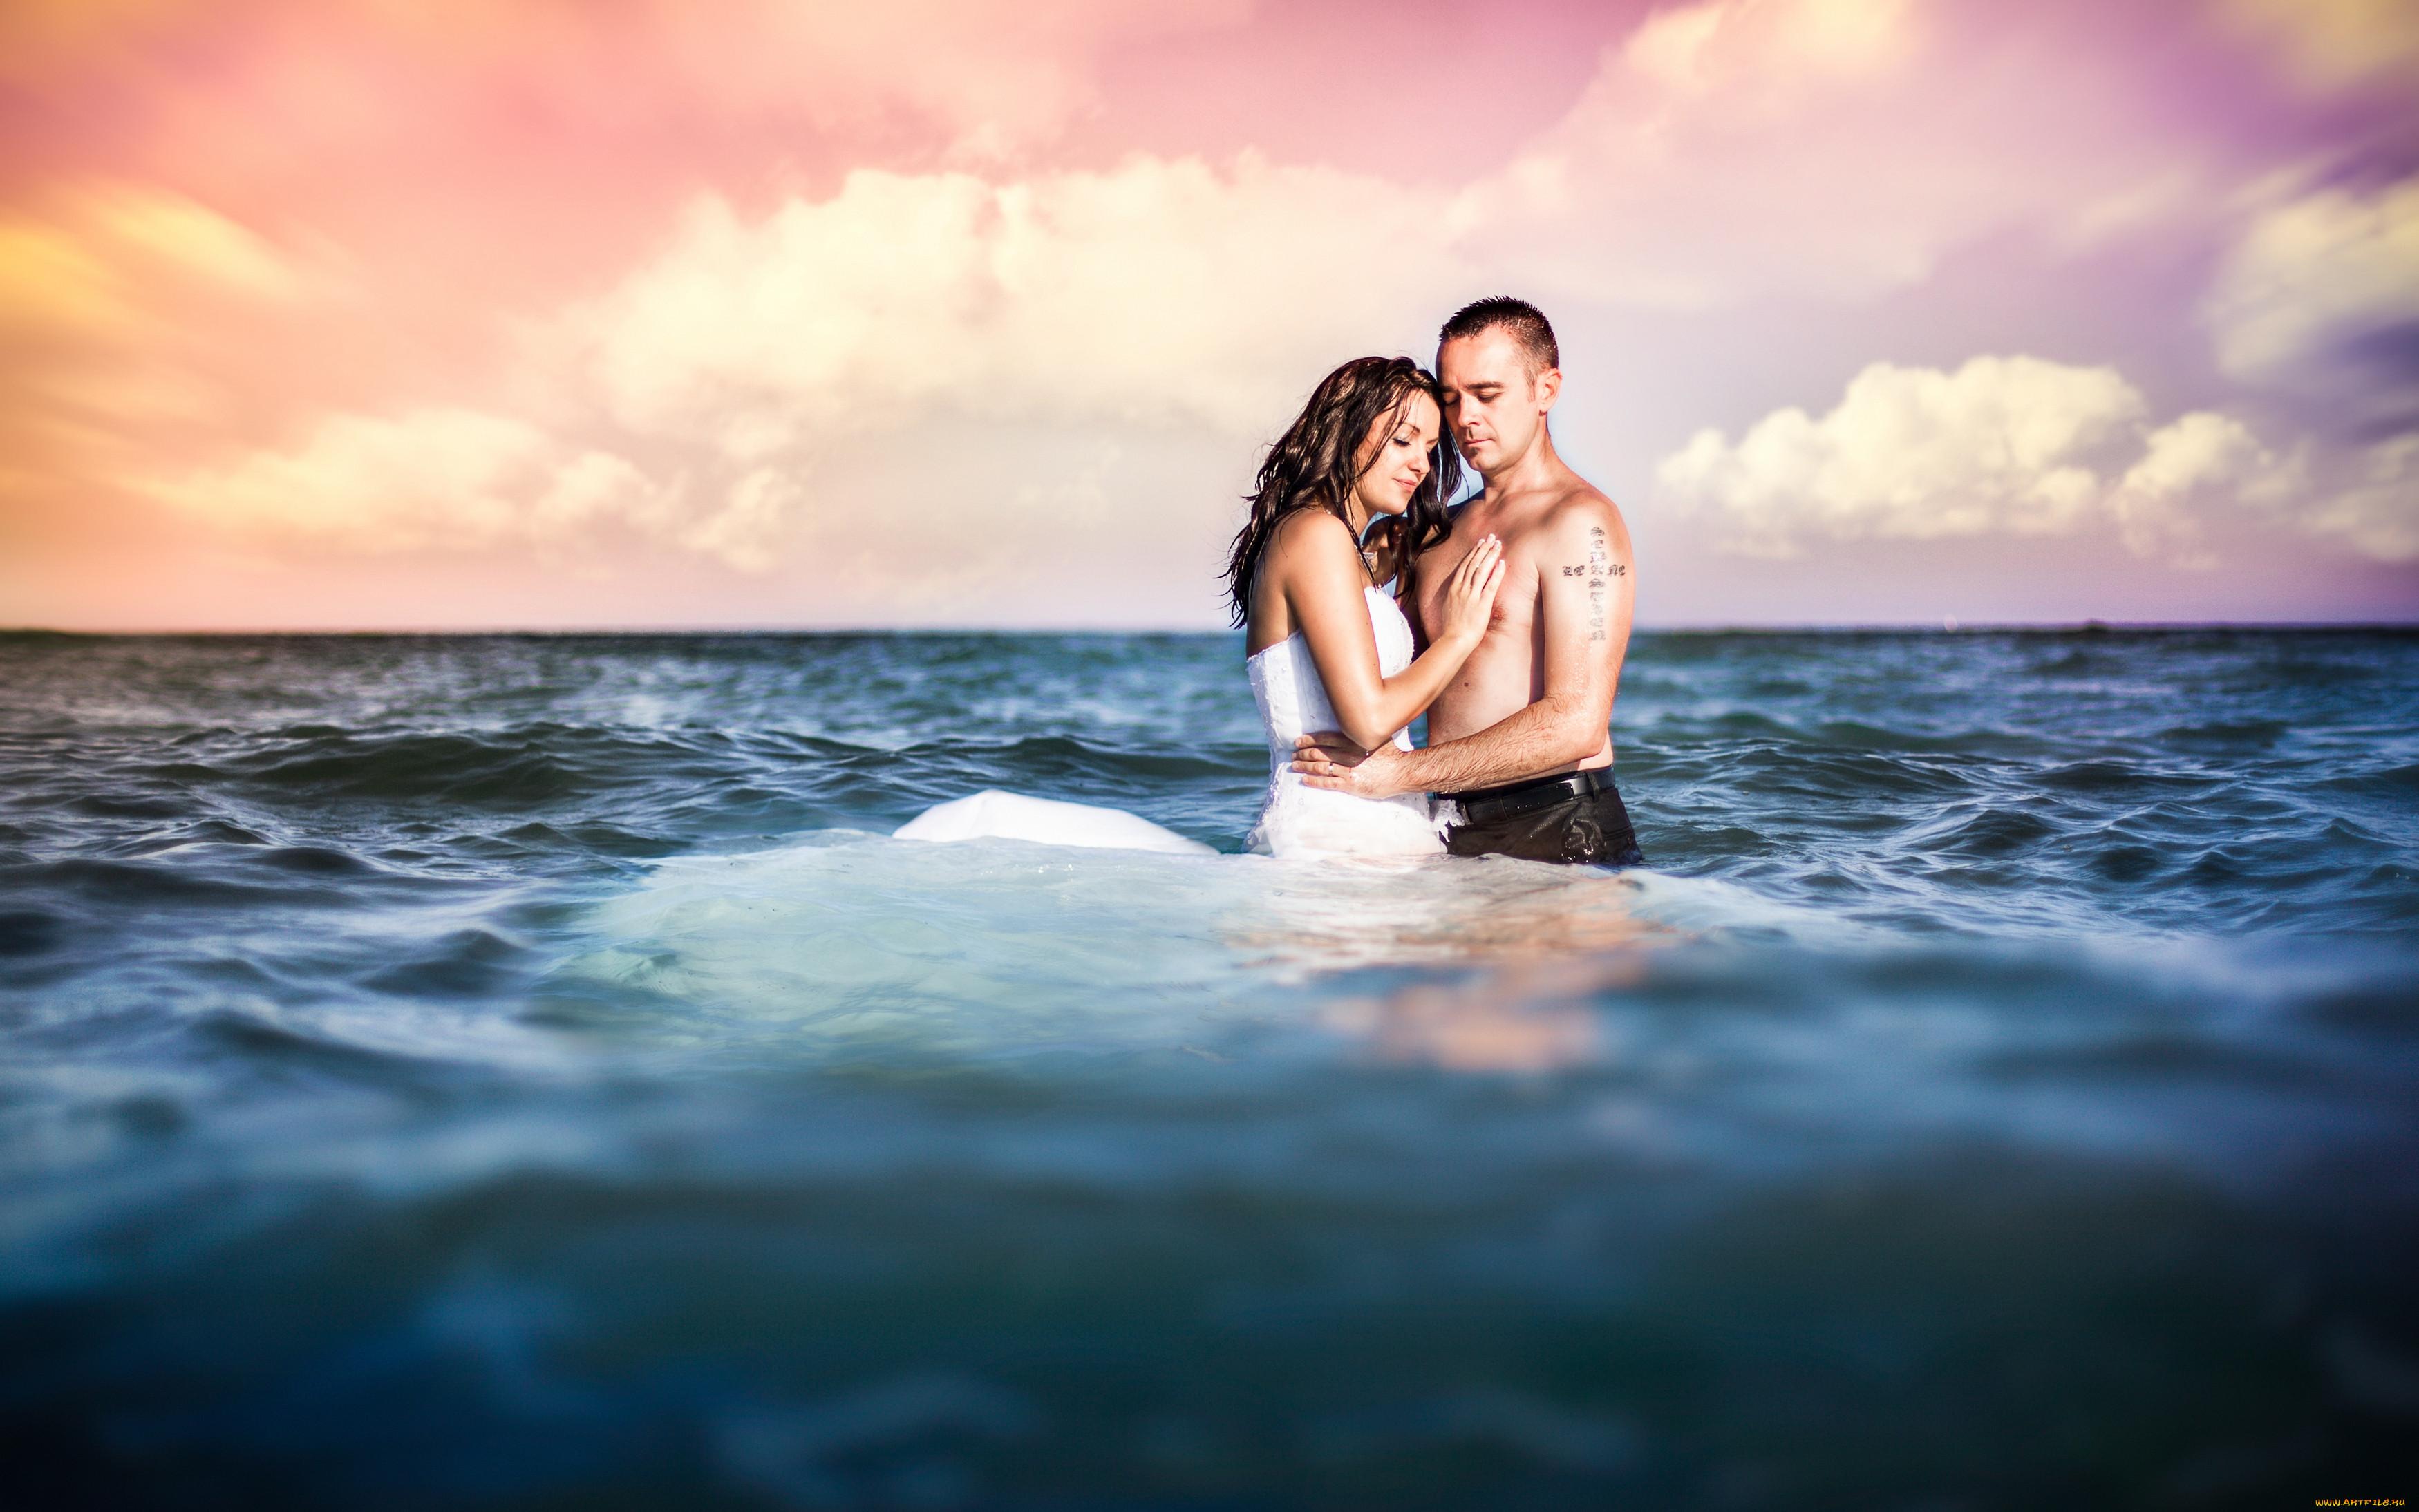 Картинка с любимым мужчиной на море